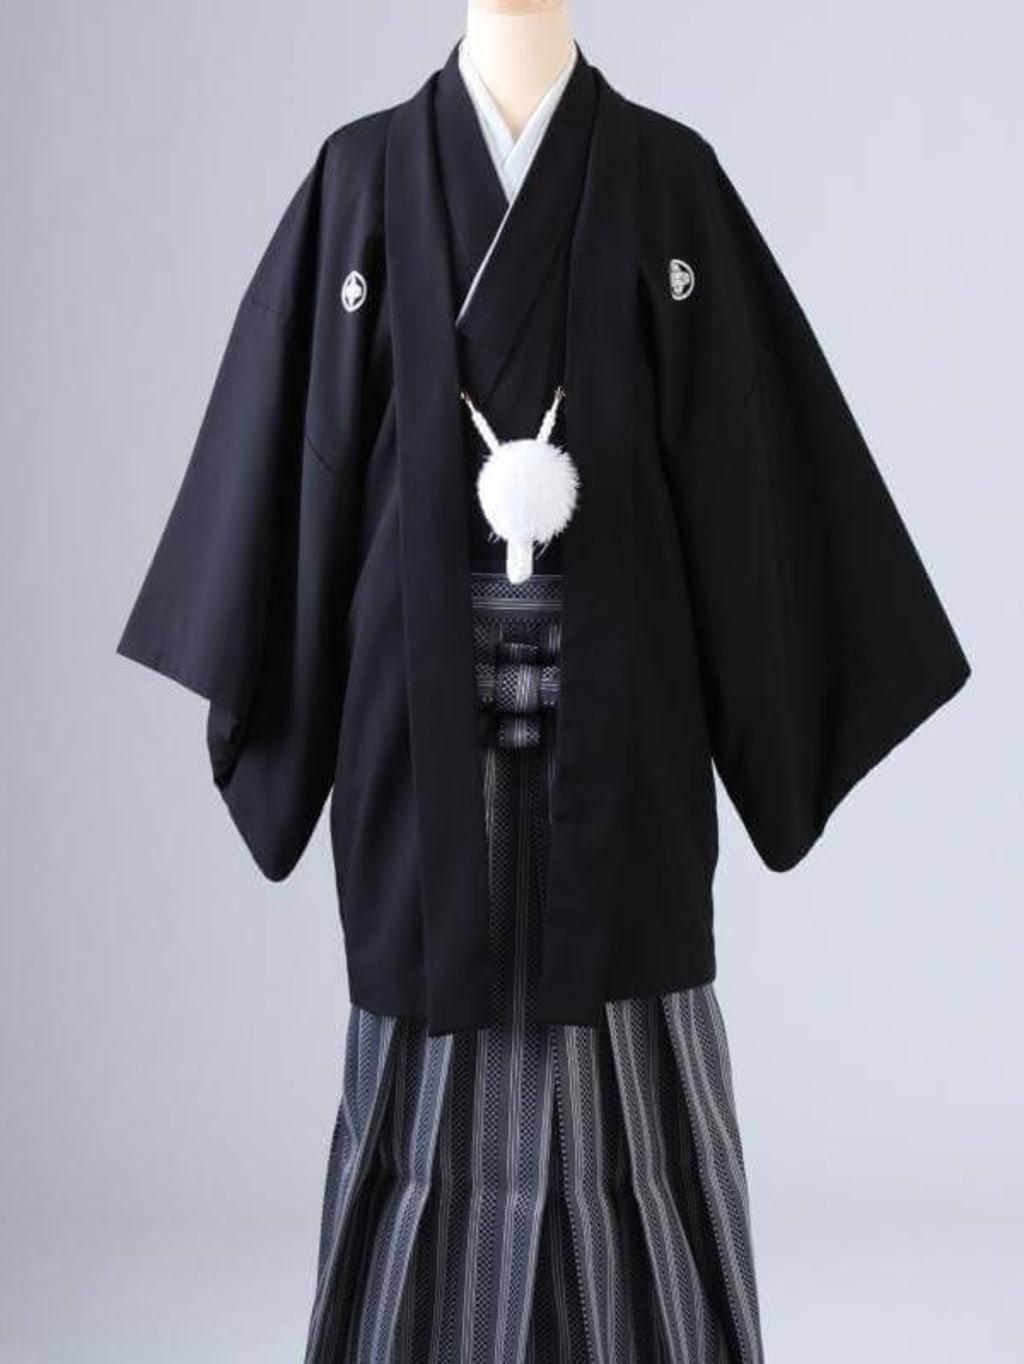 黒紋服 格子柄袴_横浜店